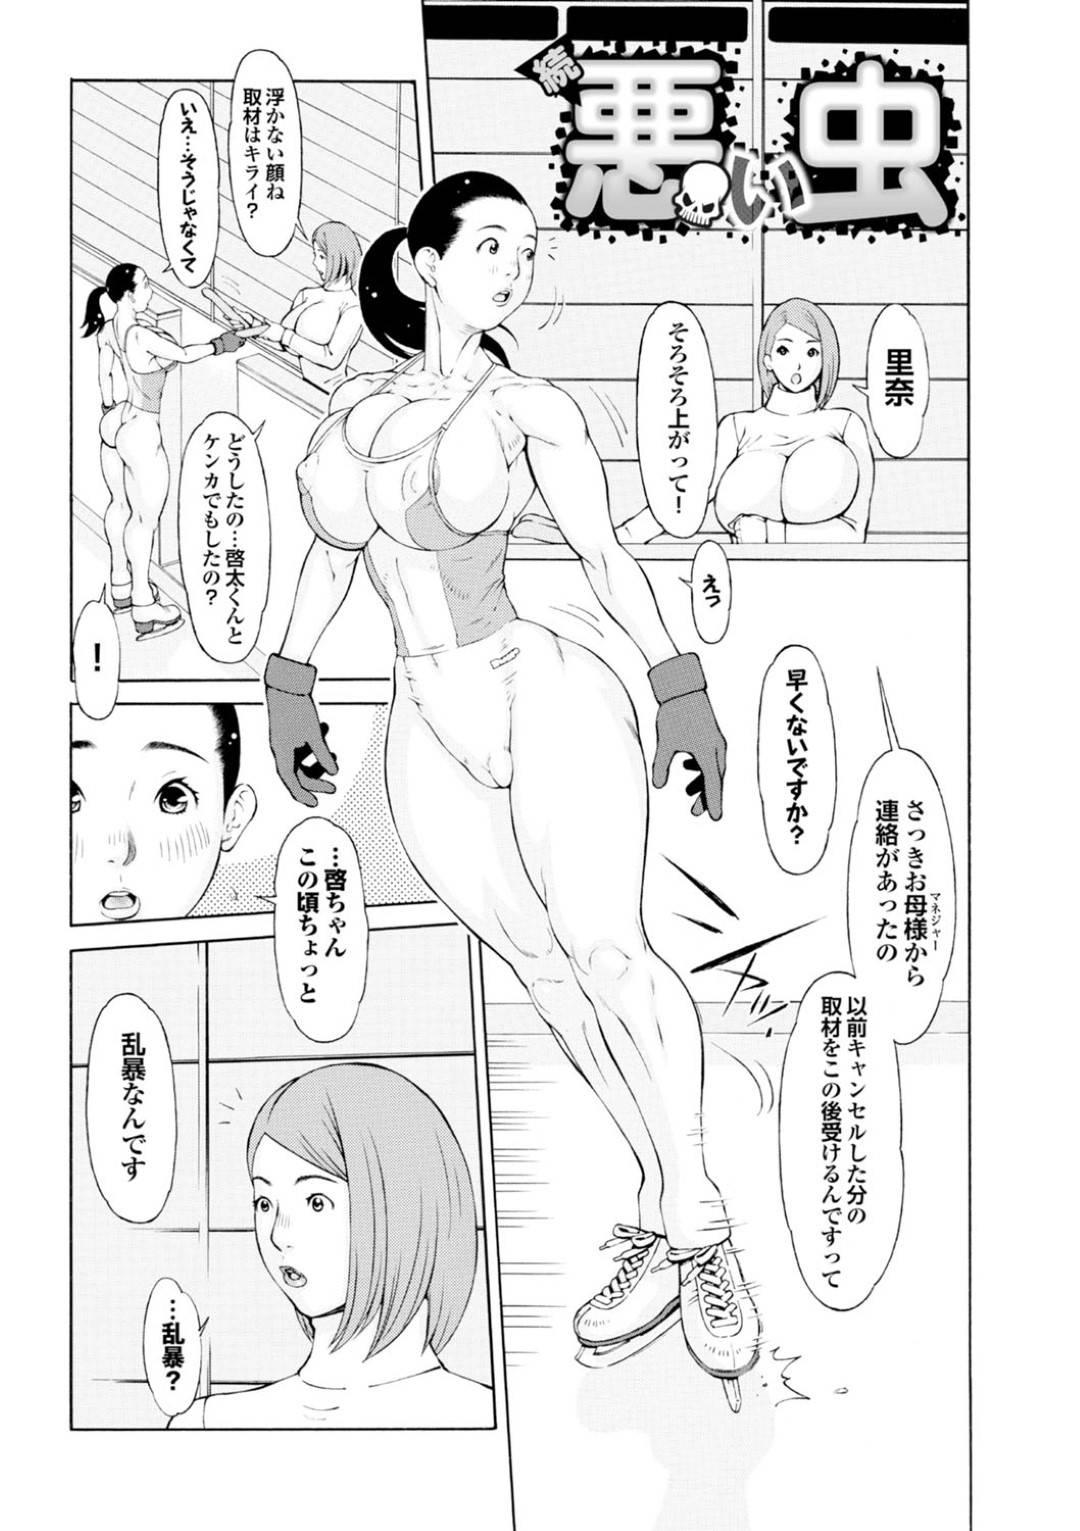 【エロ漫画】大会に優勝する前に我慢できず彼氏とセックスをしてしまったアスリートJK…しかしその後自分本位のセックスをするようになってしまった彼氏のせいで欲求不満になってしまう!【鉄歩】